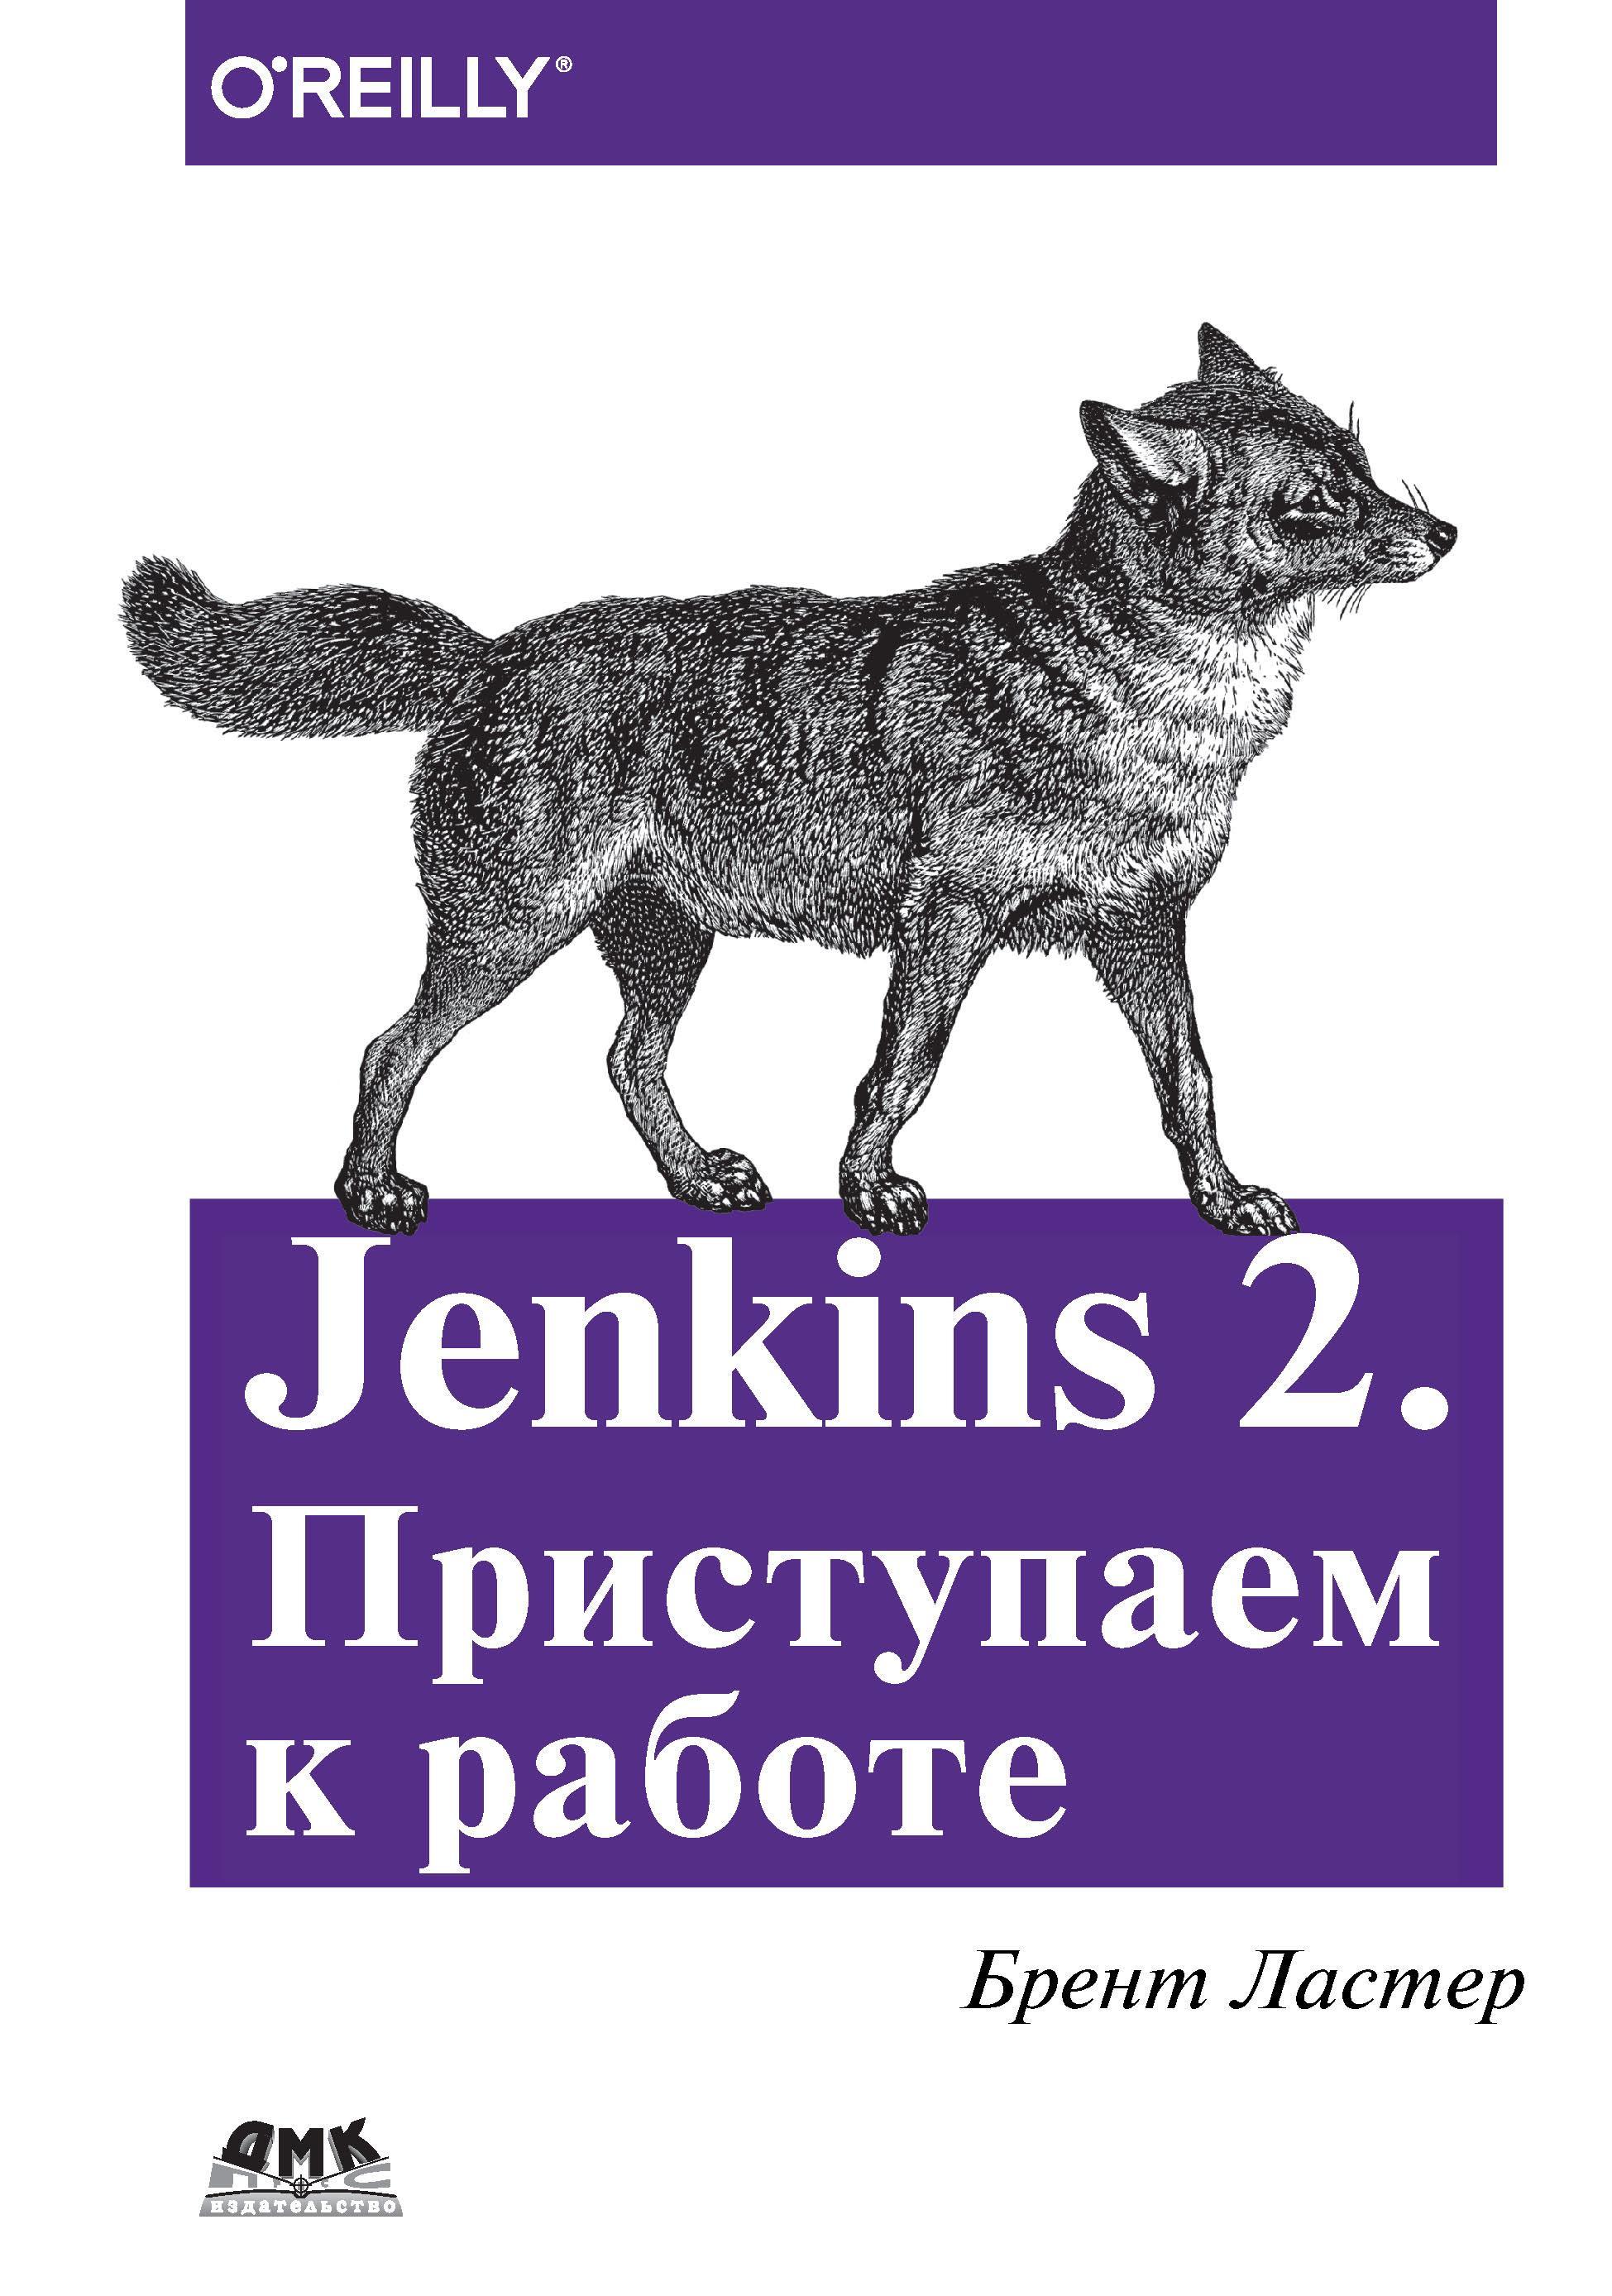 Купить книгу Jenkins 2. Приступаем к работе, автора Брента Ластера